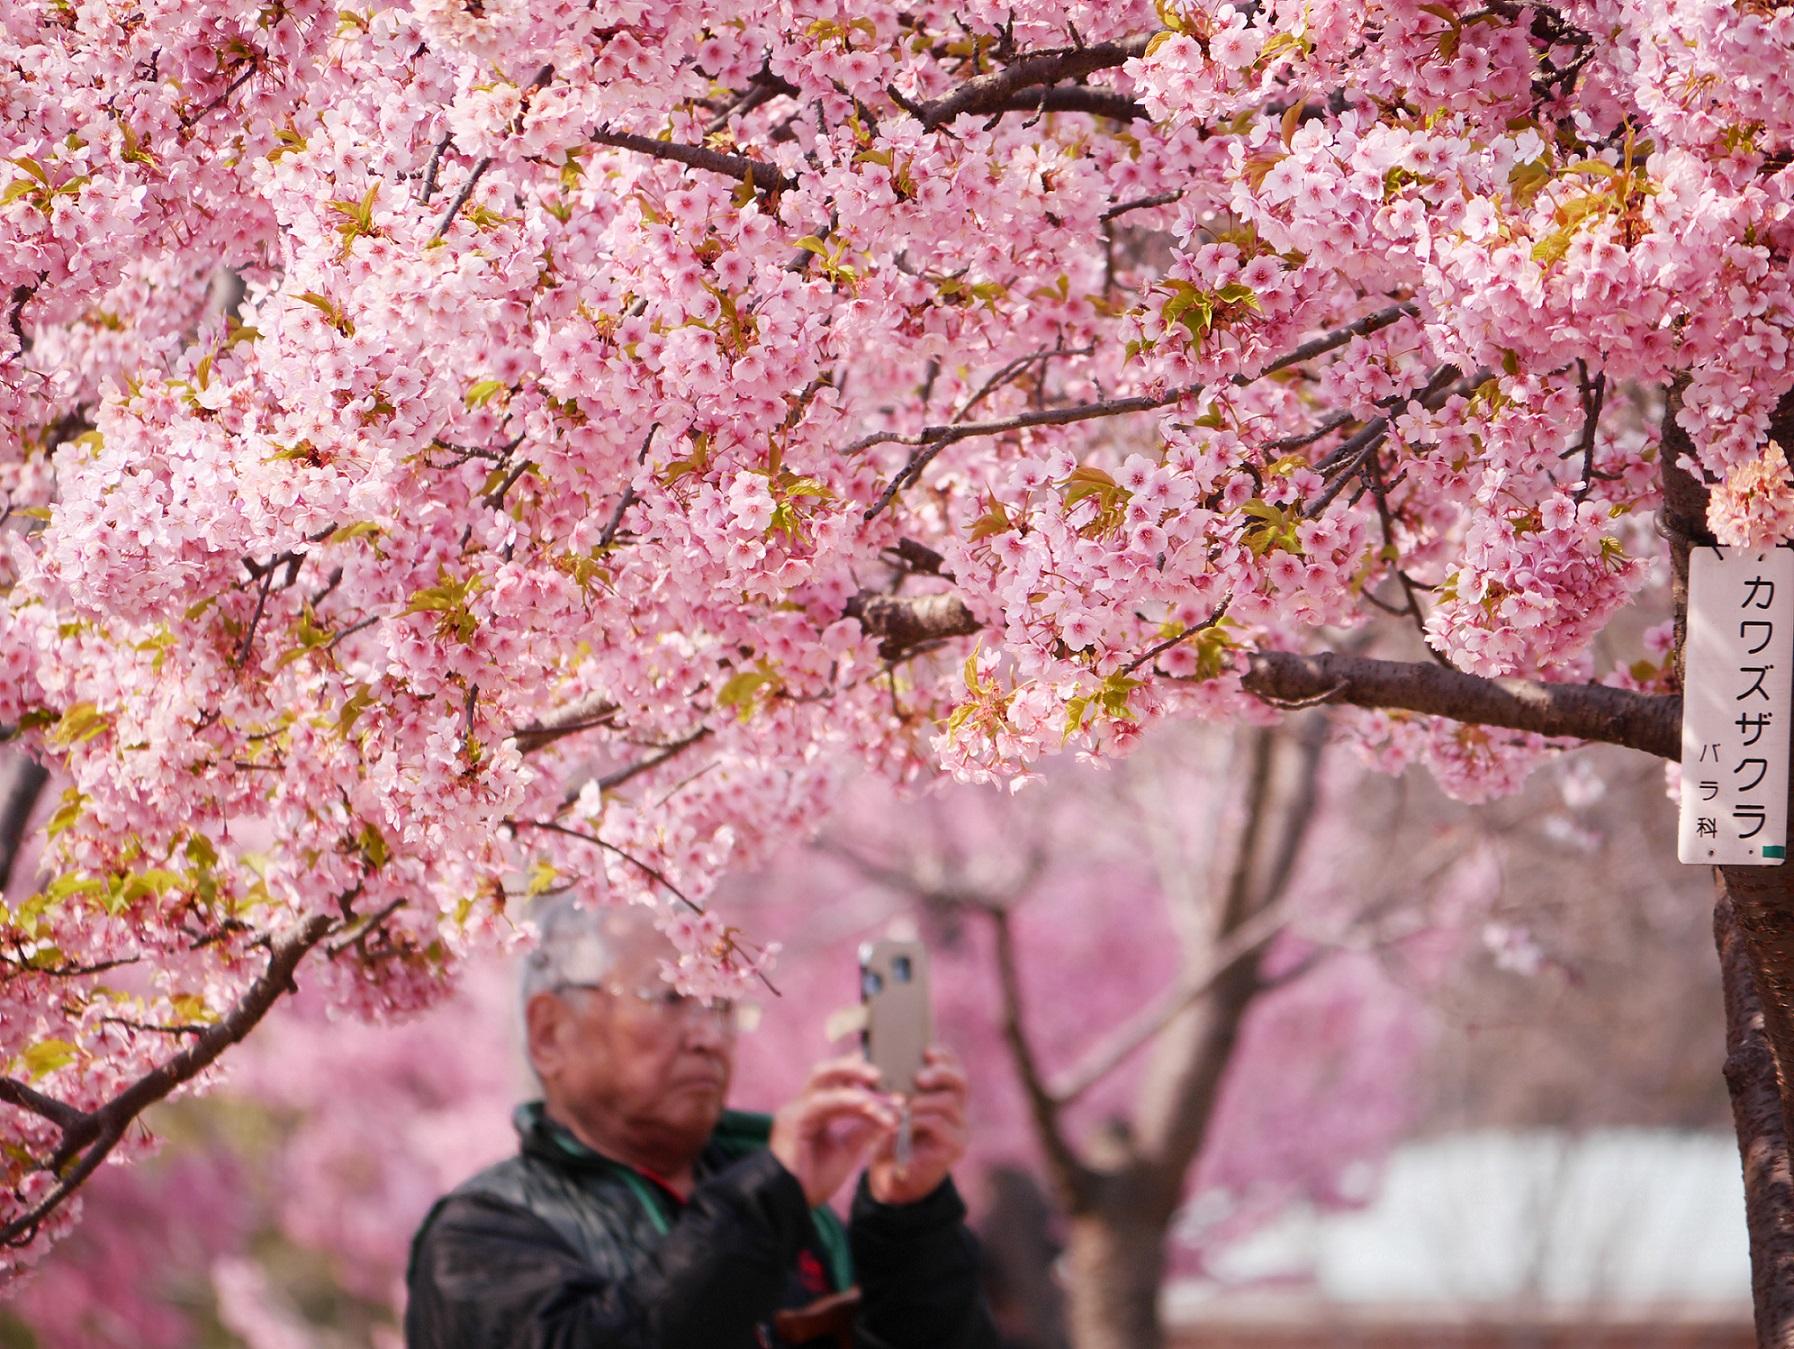 Wallpaper Berwarna Merah Muda Mekar Menanam Bunga Sakura Musim